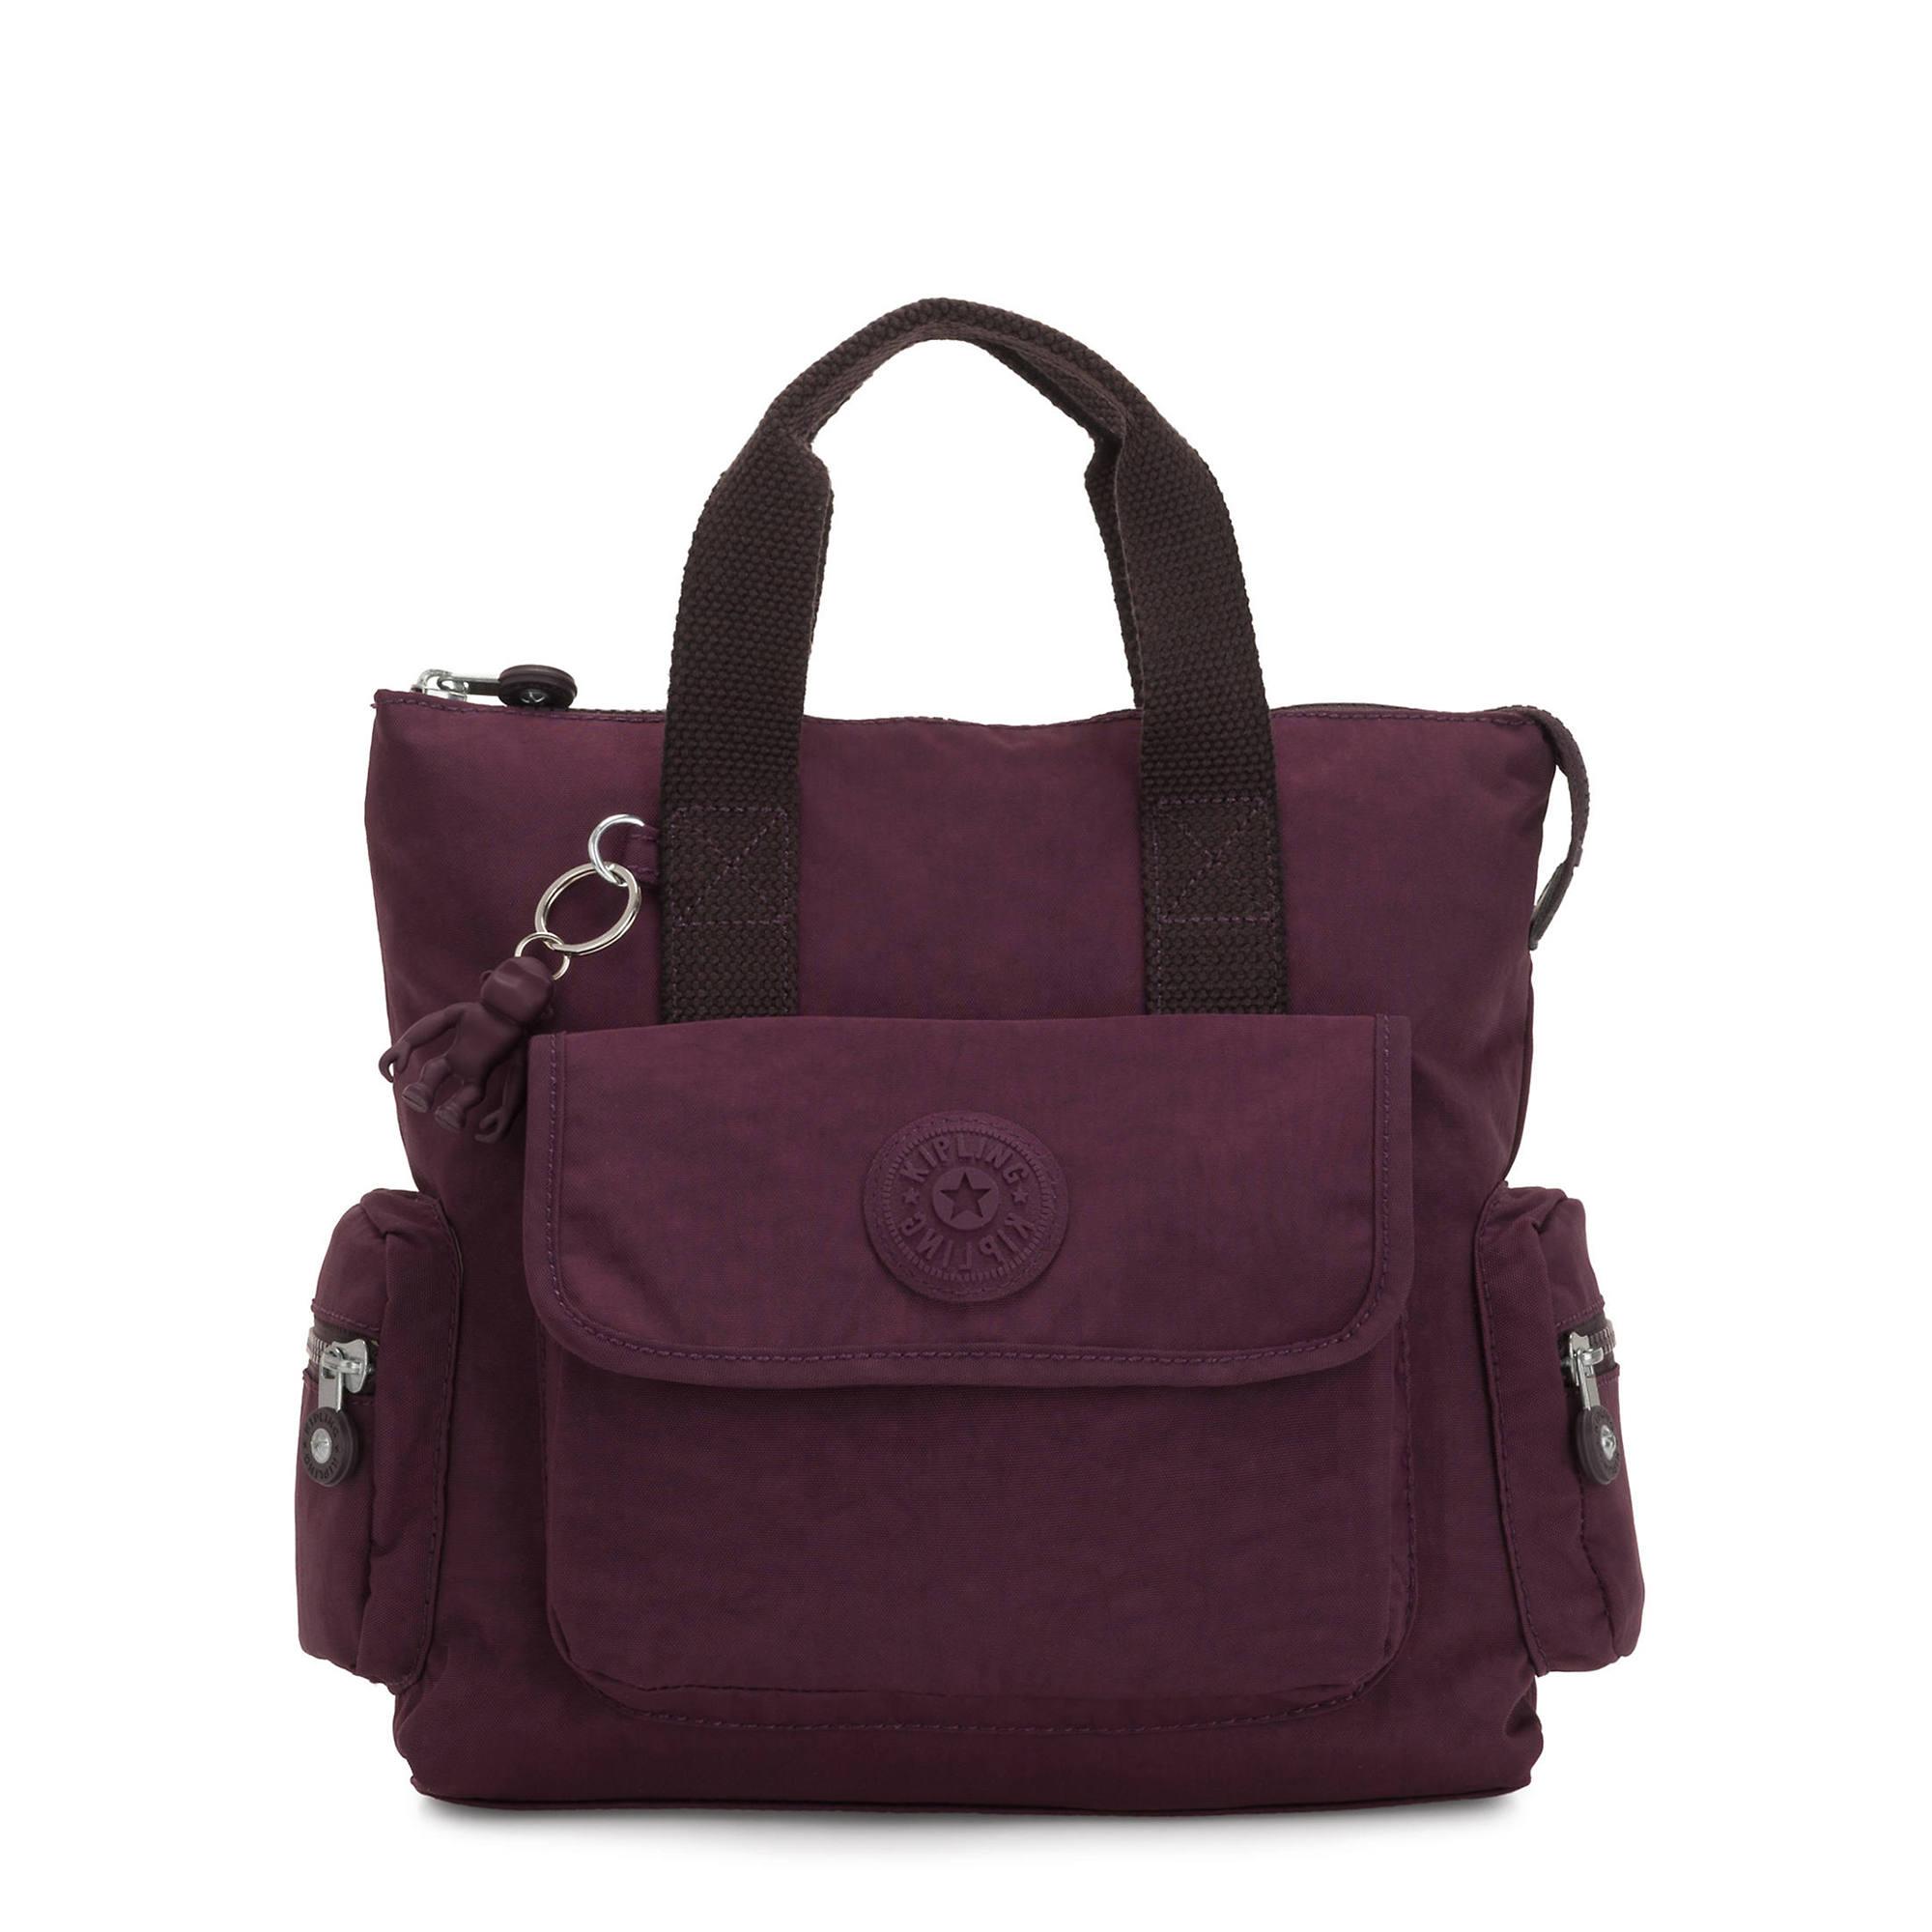 Revel Convertible Backpack,Dark Plum,large-zoomed